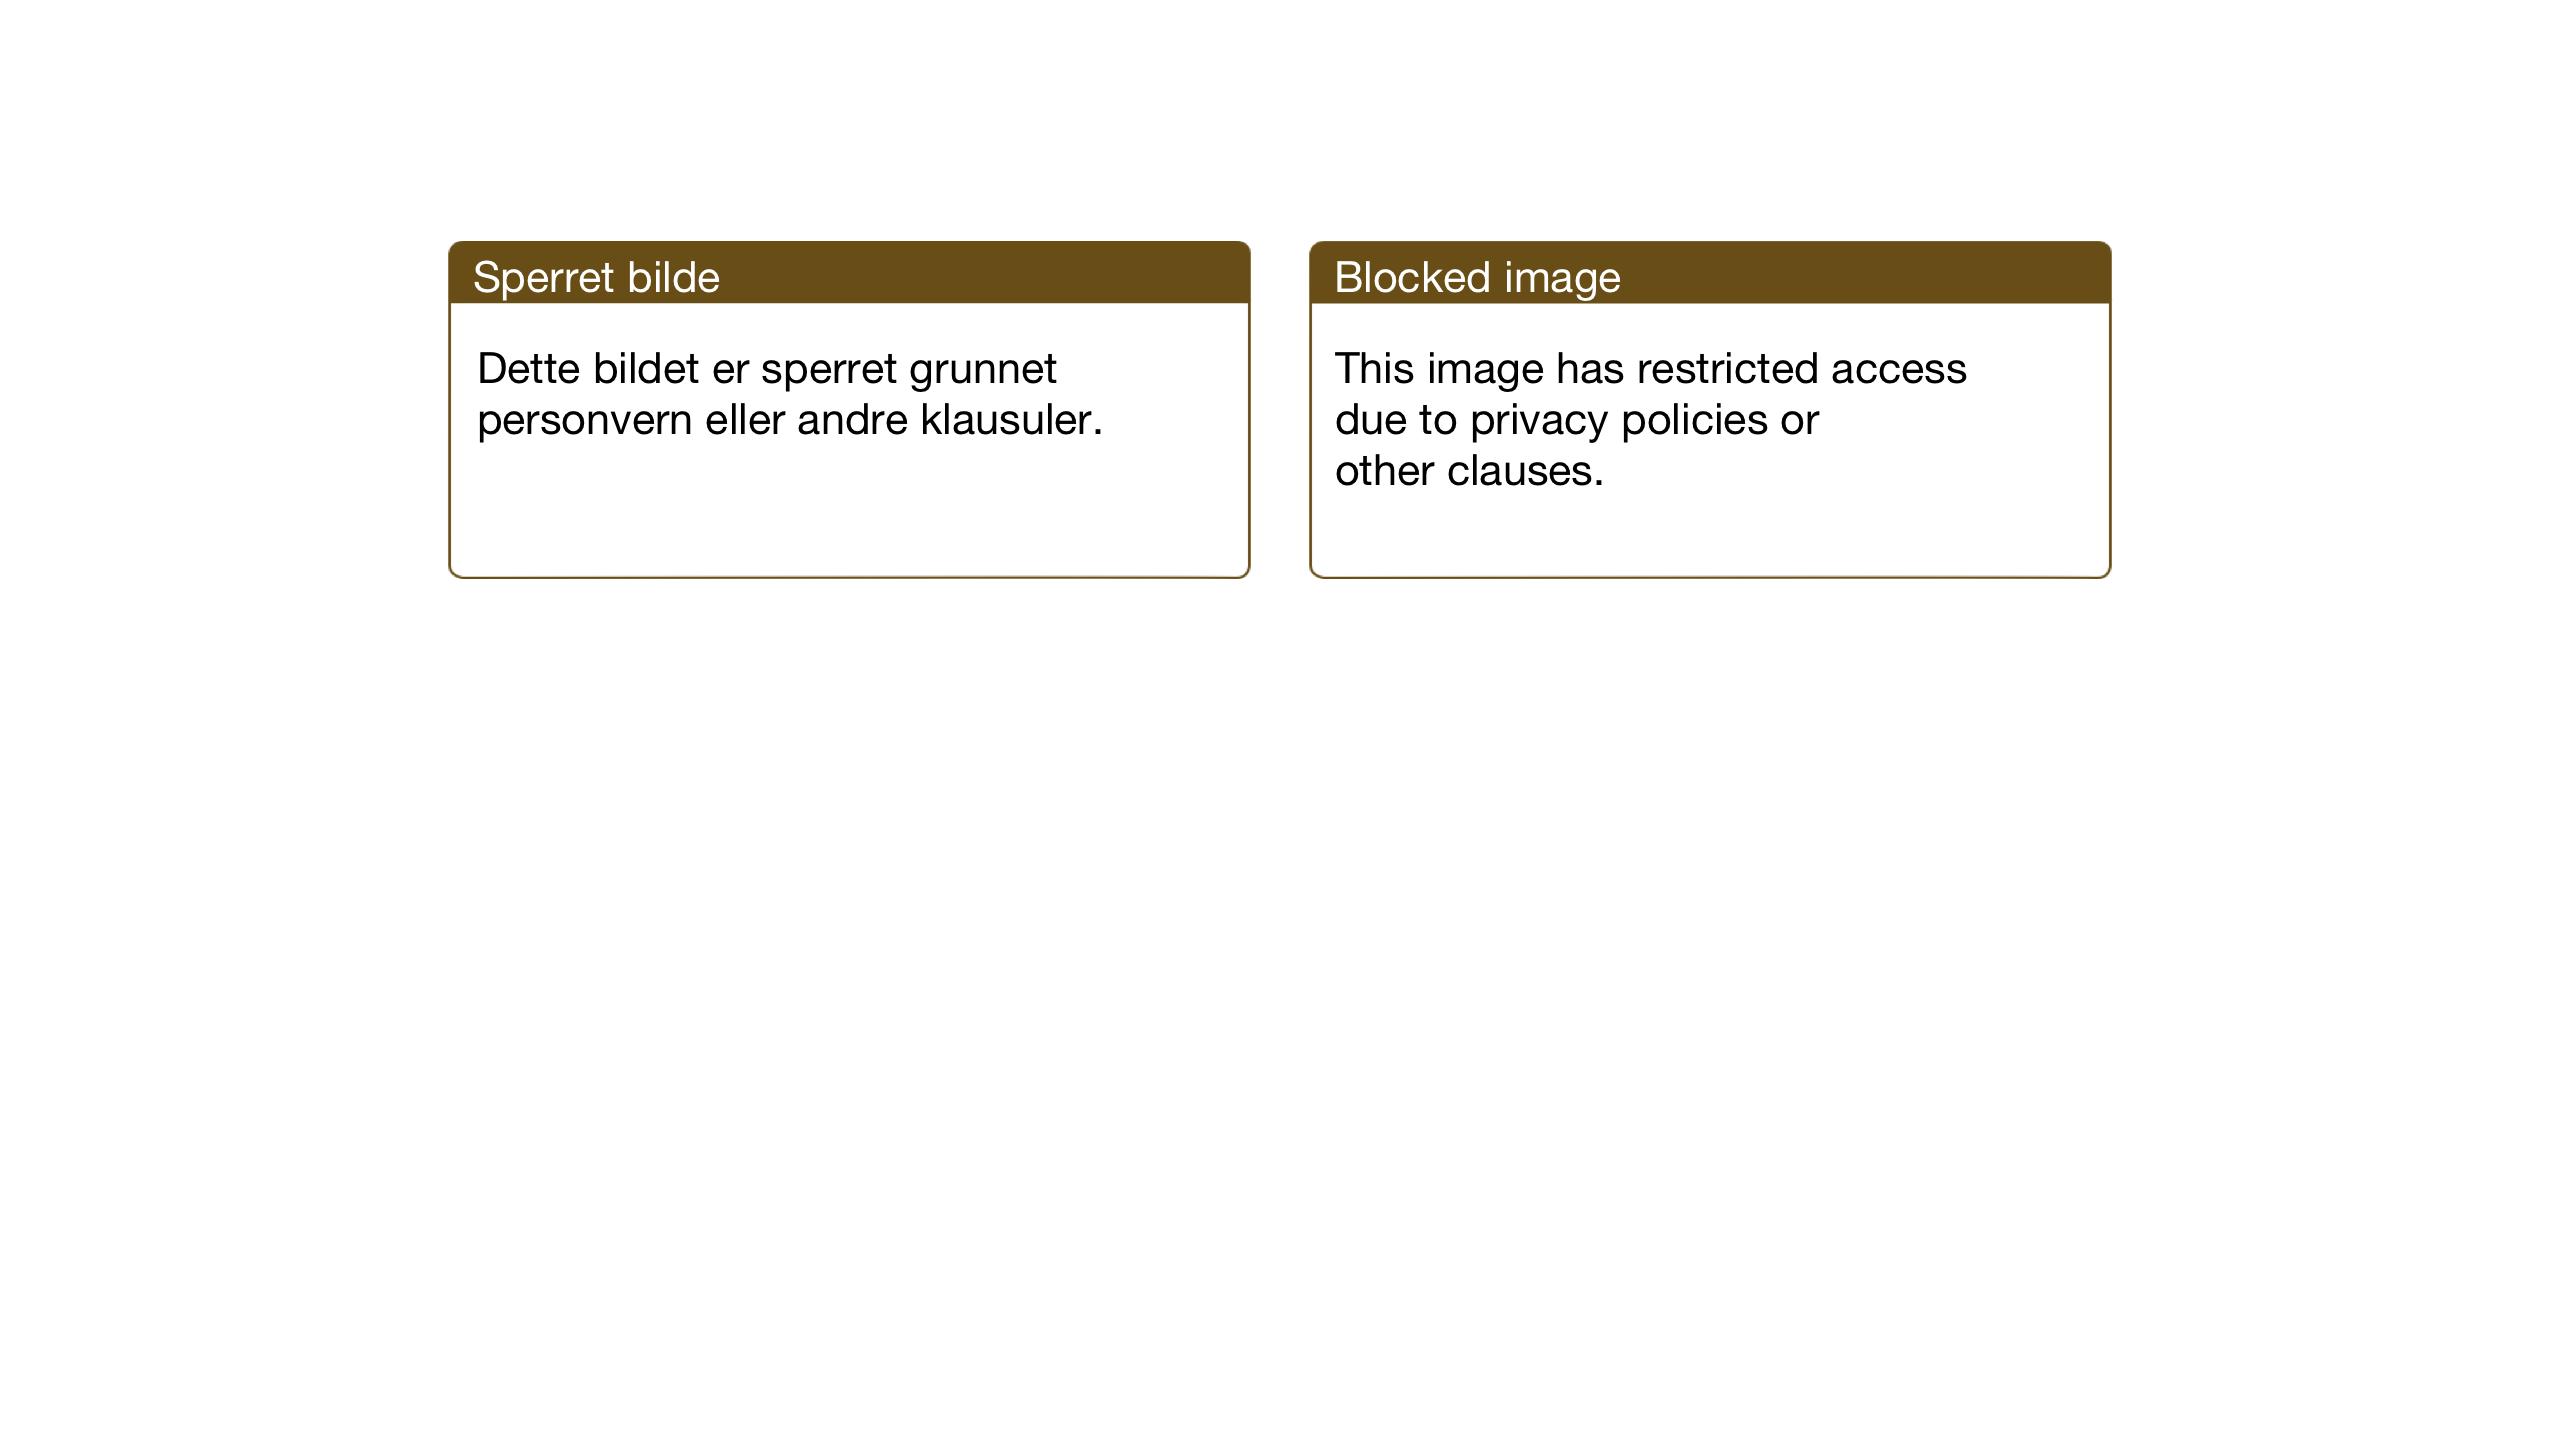 SAT, Ministerialprotokoller, klokkerbøker og fødselsregistre - Nord-Trøndelag, 774/L0631: Klokkerbok nr. 774C02, 1934-1950, s. 45